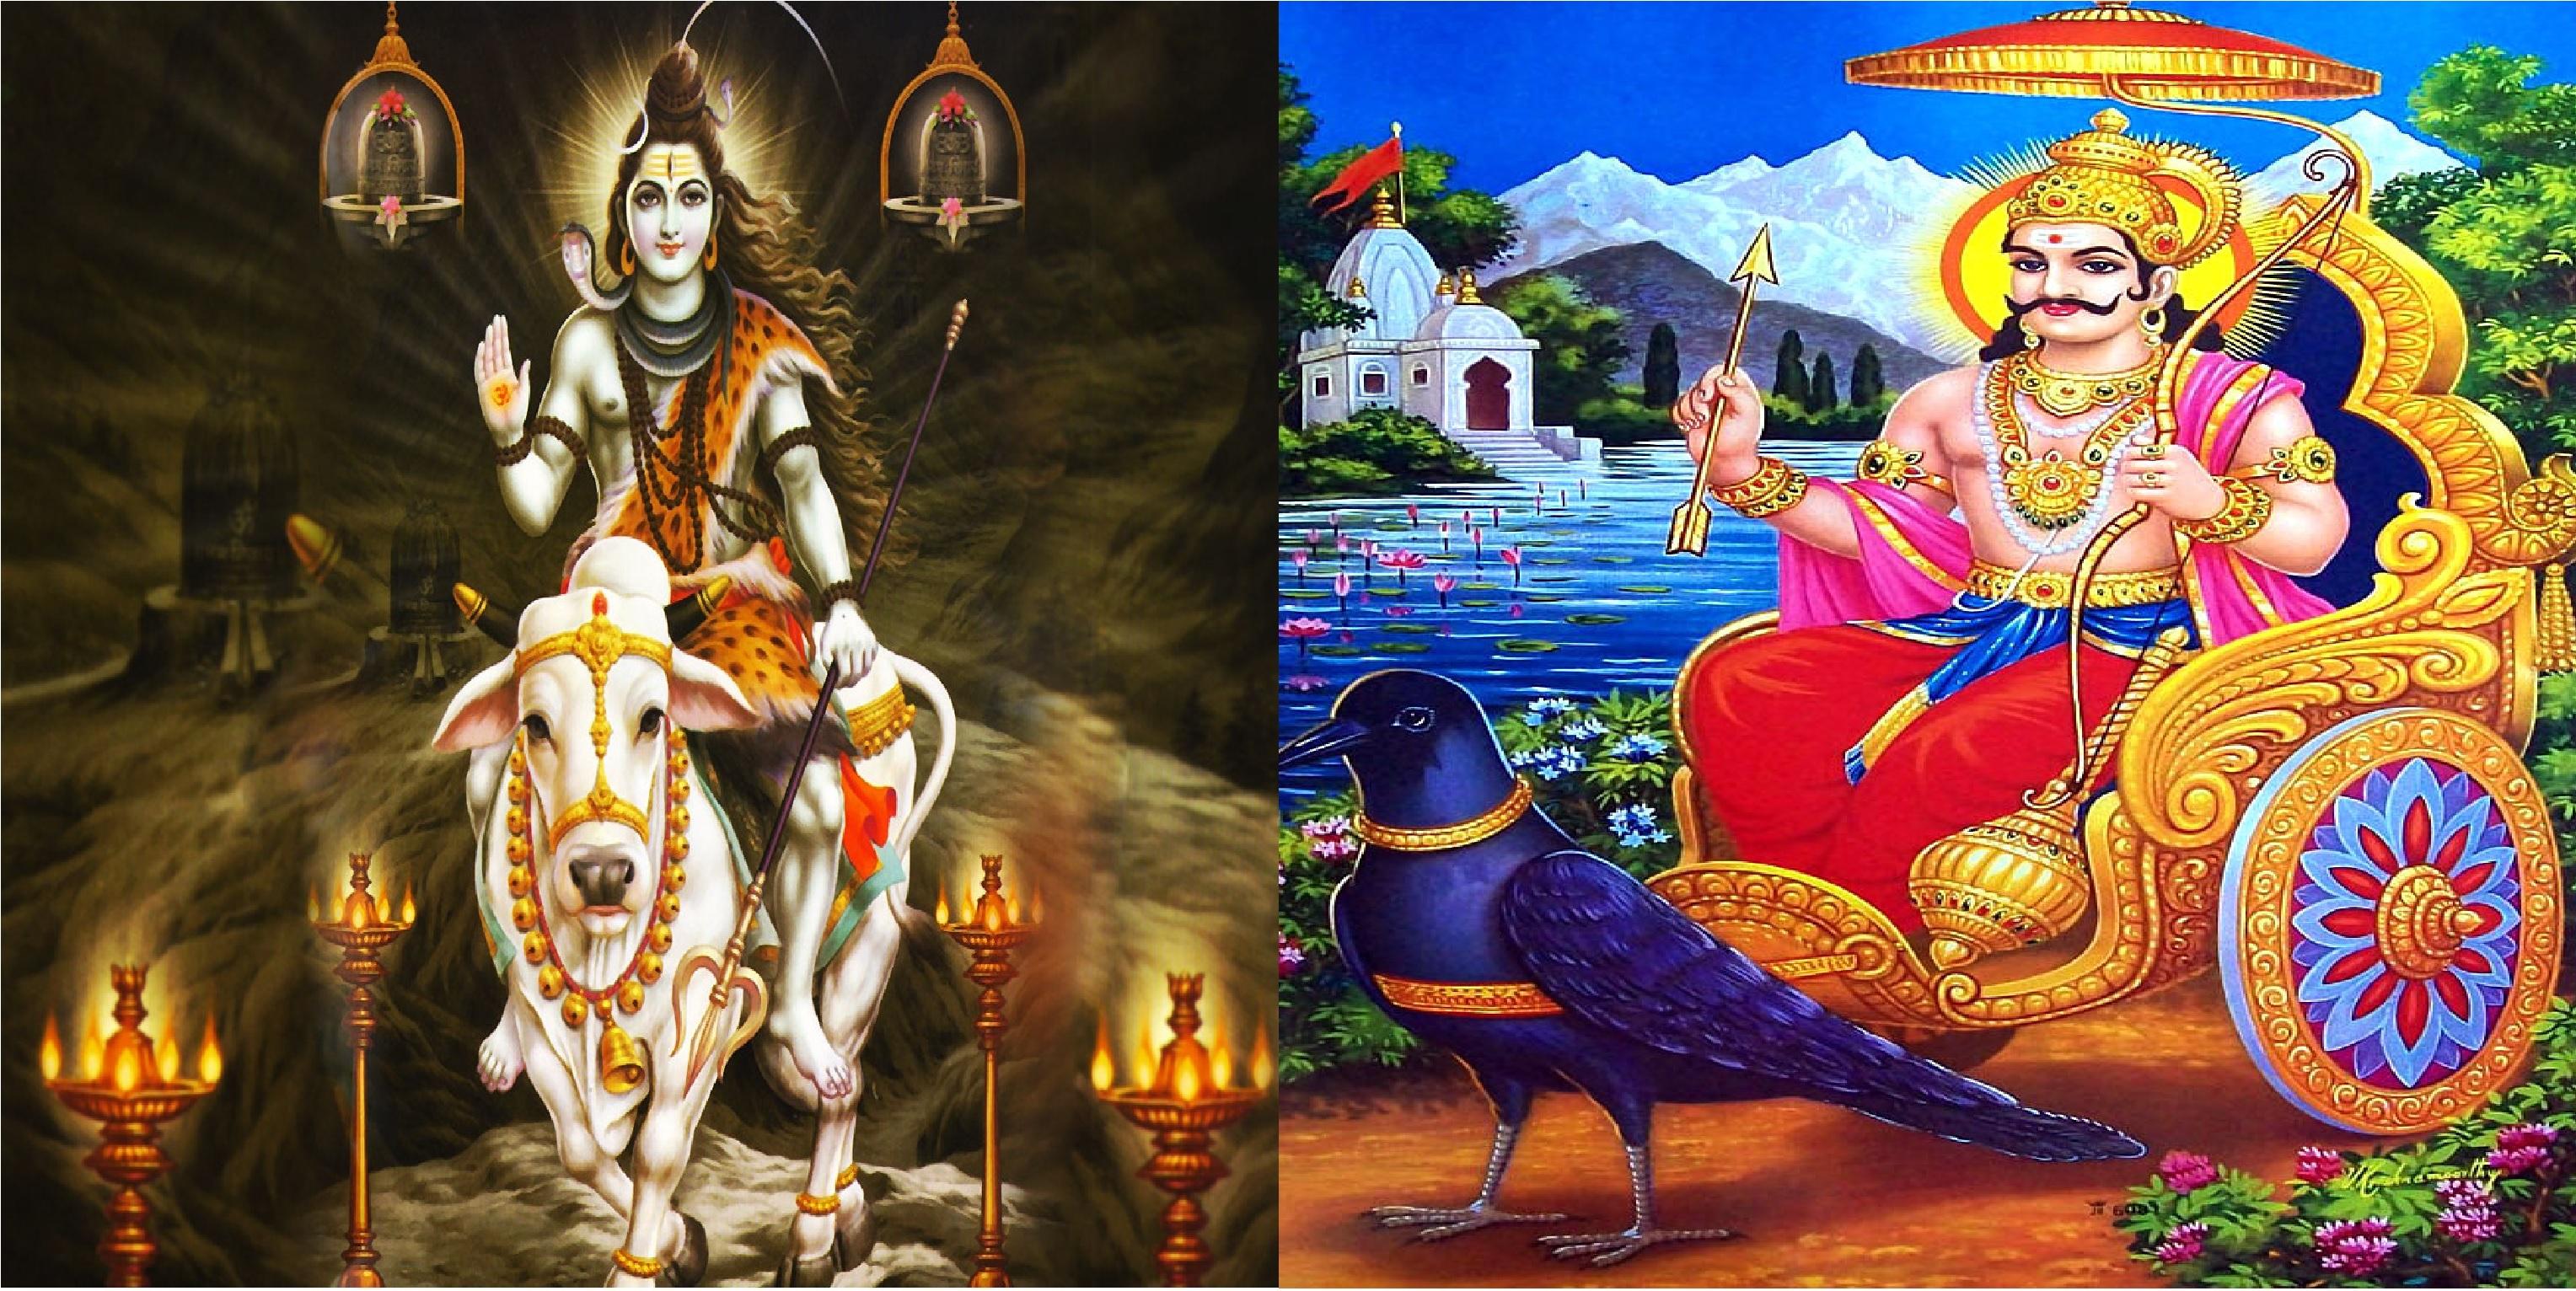 PunjabKesari, kundli tv, lord shiva and shanin dev image